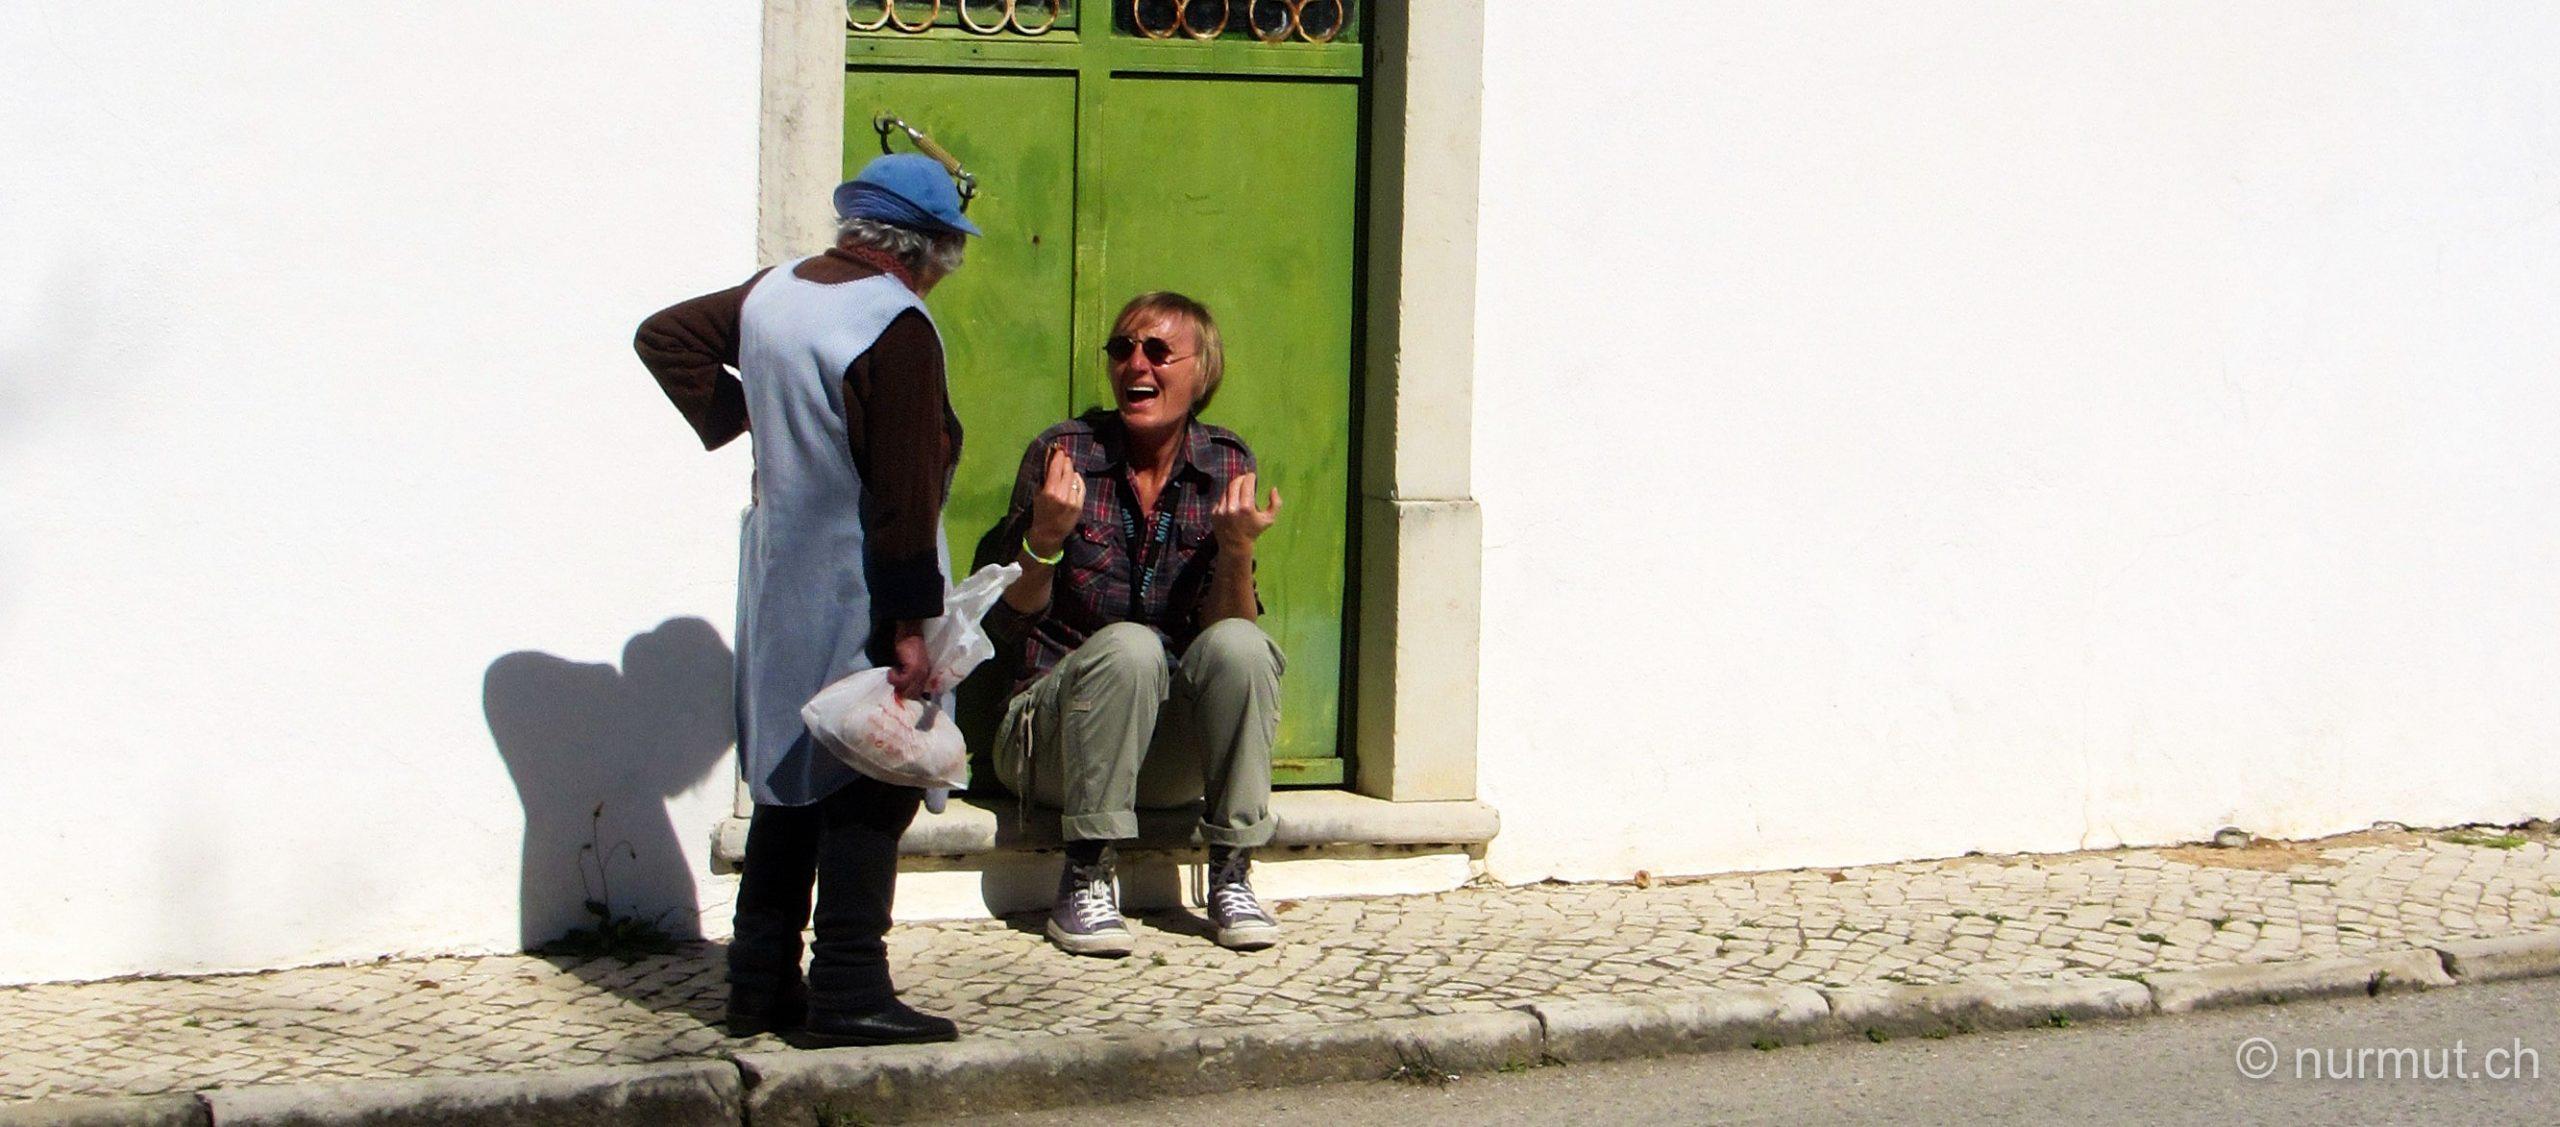 jenseits-von-afrika--reisen-ist-wie-das-leben-portugal-kommunikation